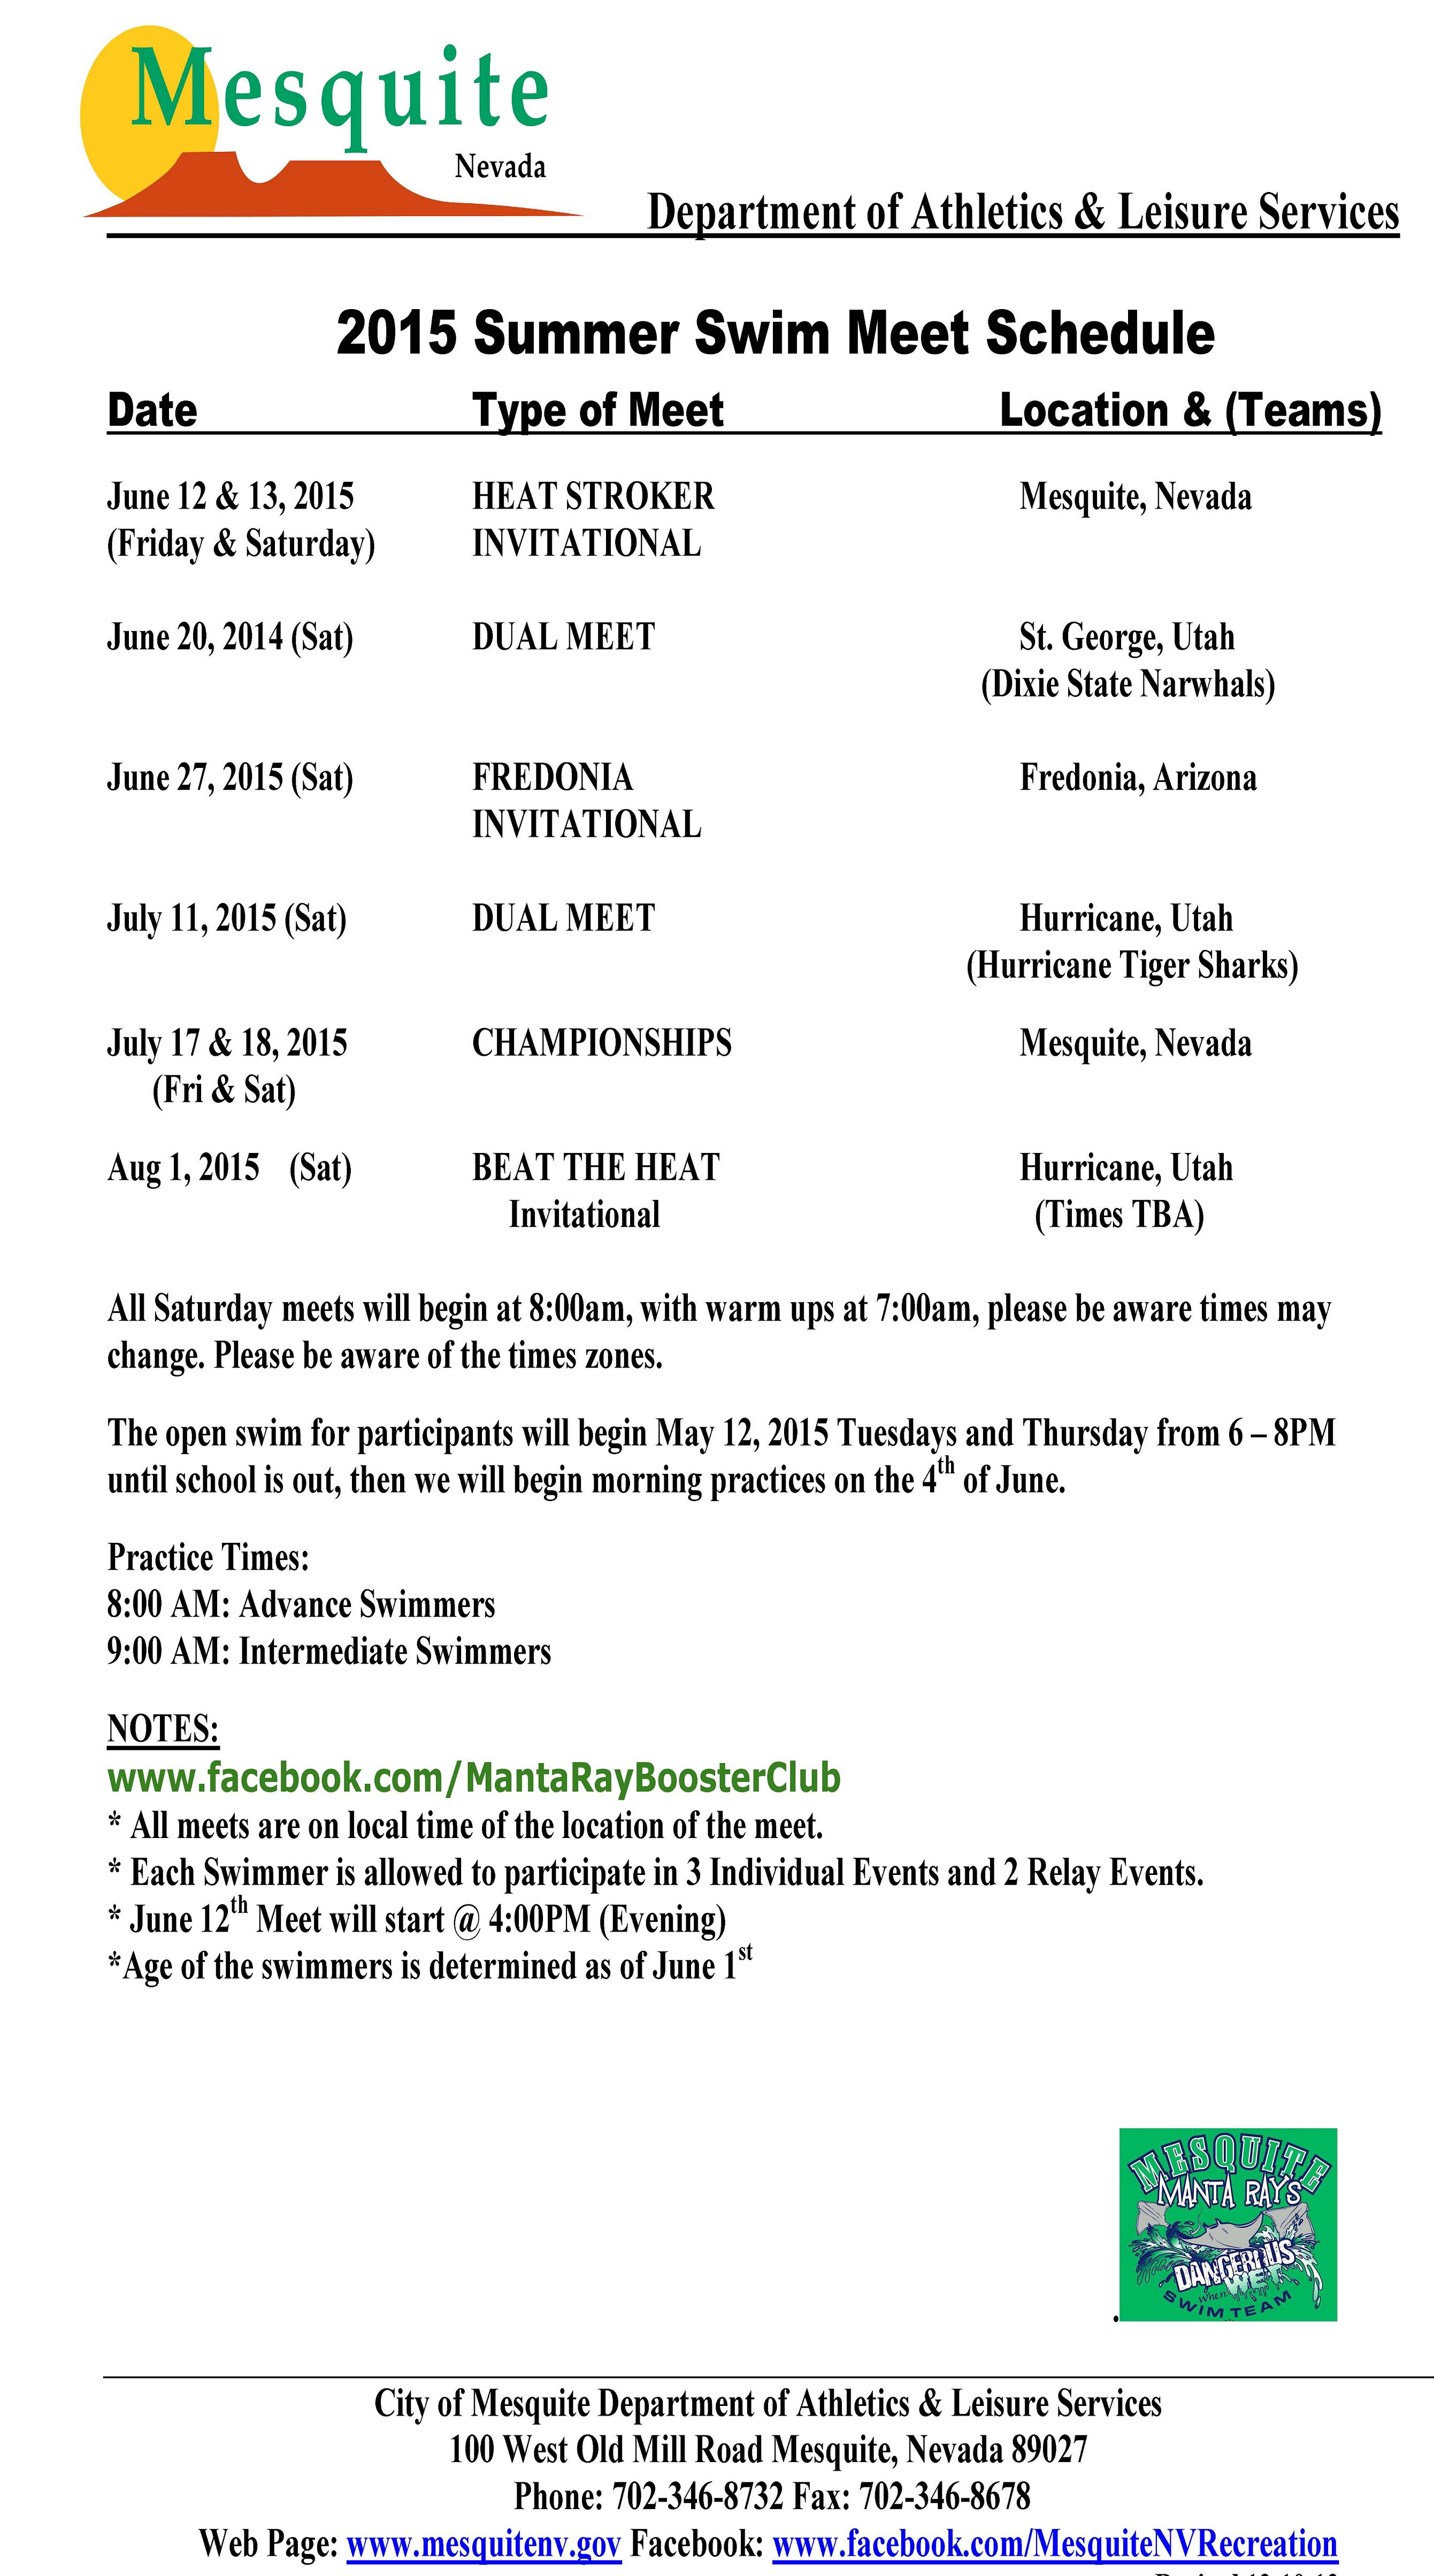 condors swimming meet schedule